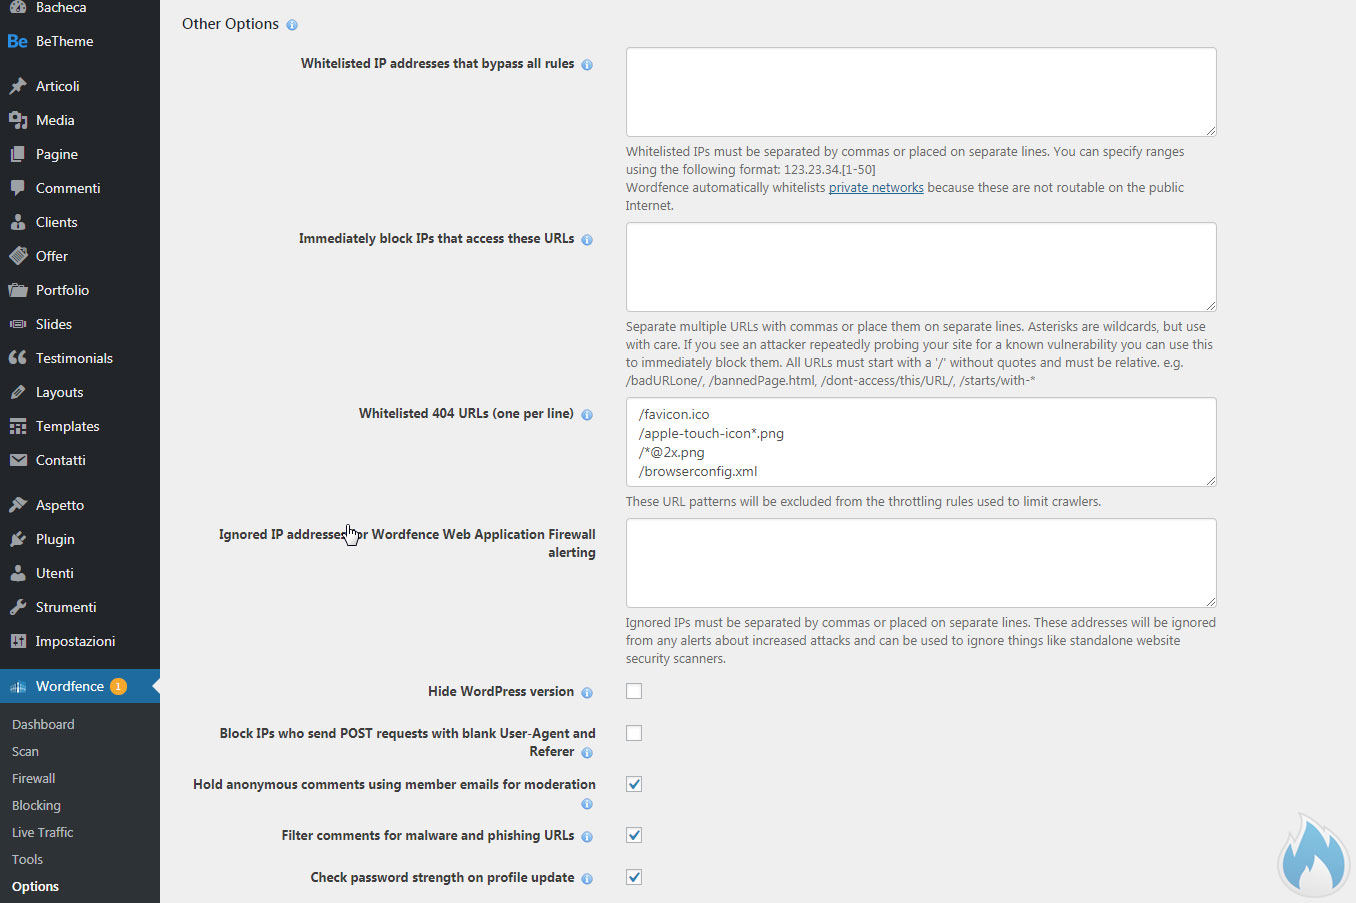 Le opzioni avanzate di Wordfence 5